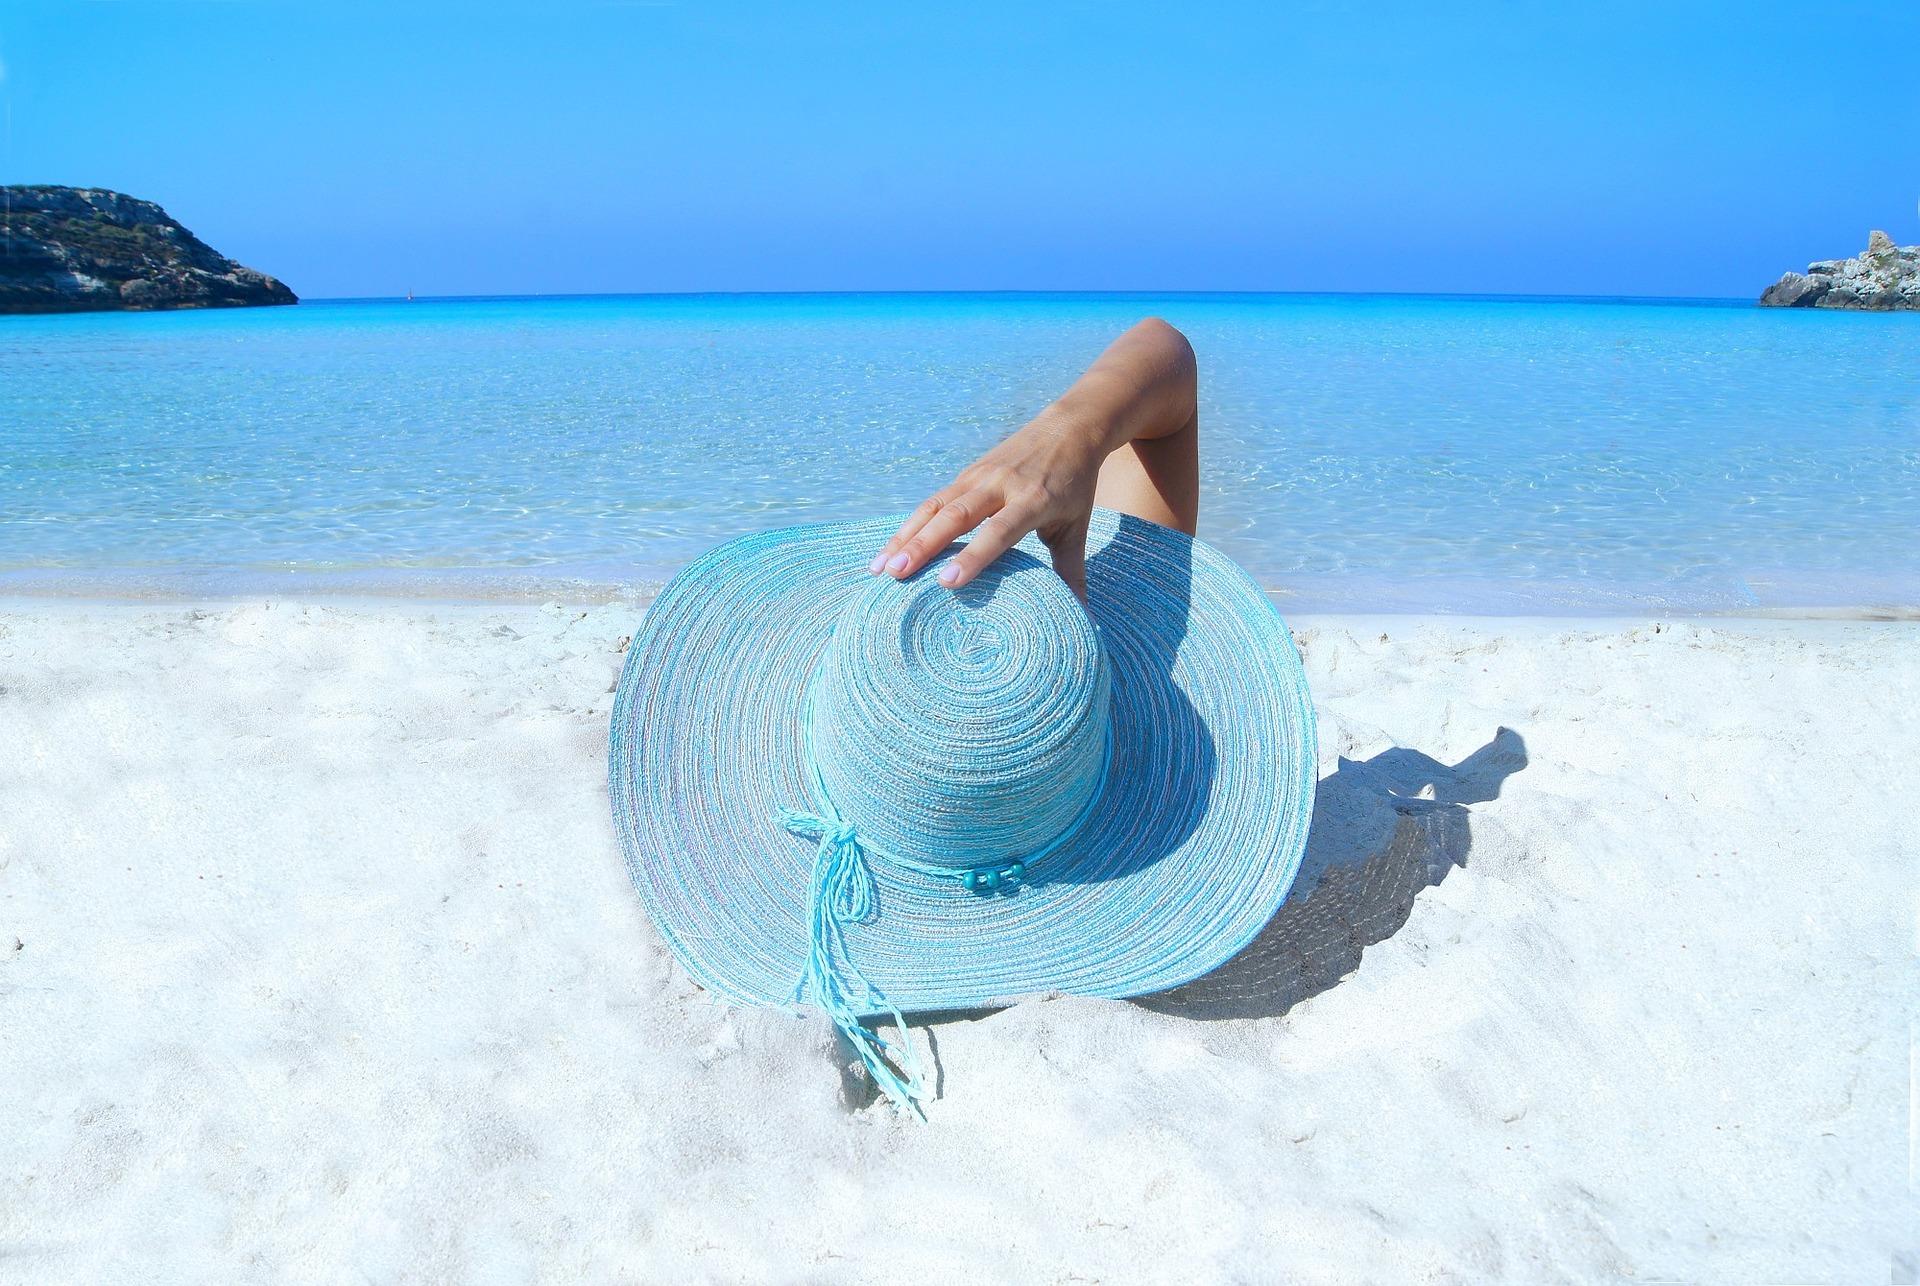 Enjoying life on paradise waters